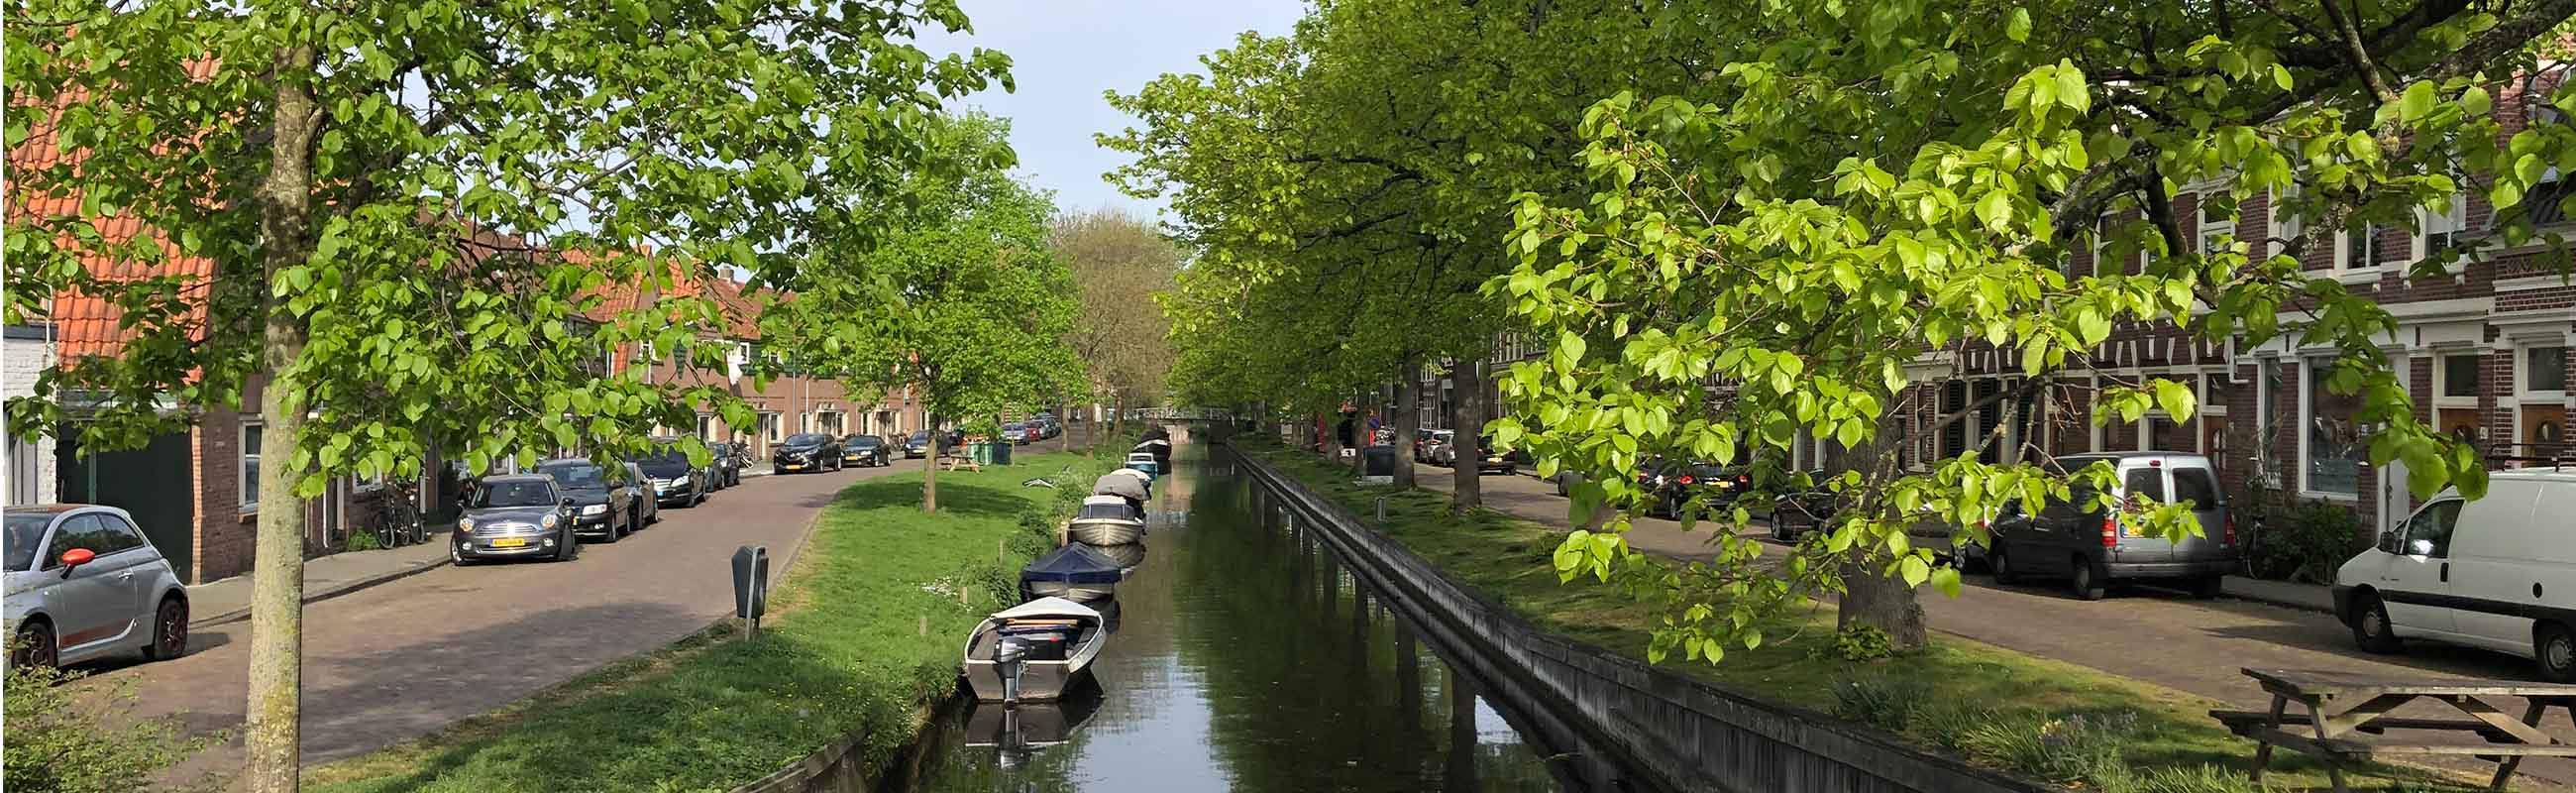 Wonen in het Garenkokerskwartier in het Zijlwegkwartier in Haarlem zuidwest